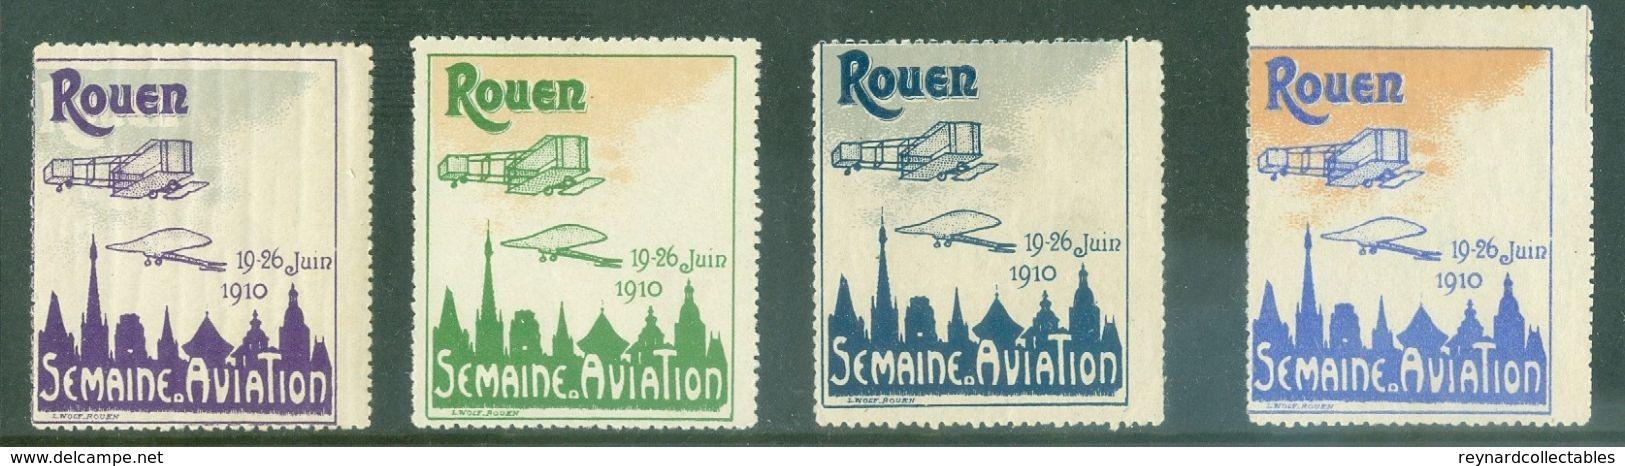 1910 France Rouen Semaine D'Aviation Vignette Labels (4) Unused Different Colours - Airmail